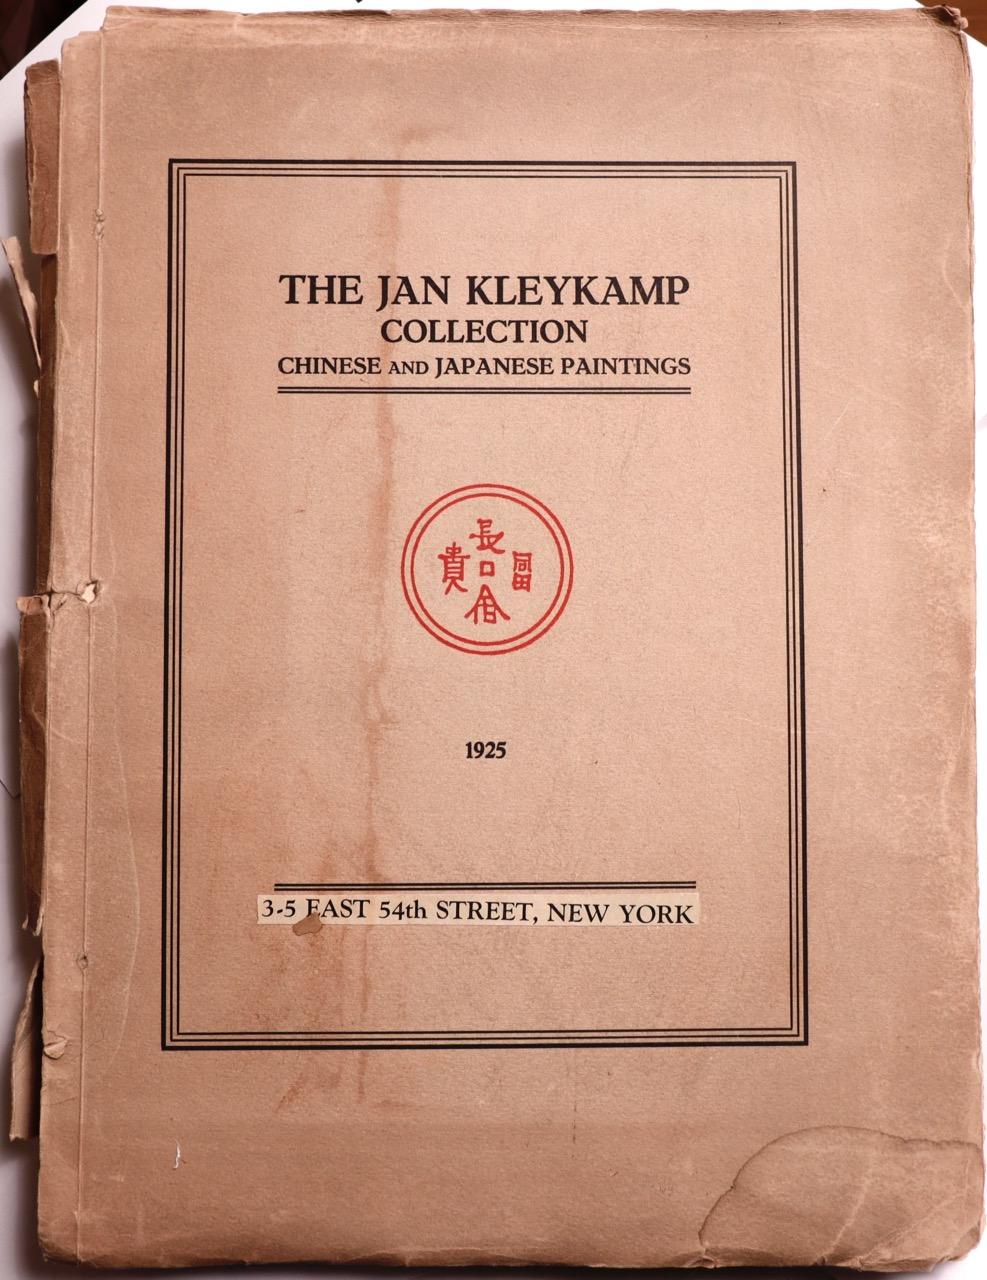 KLEYKAMPHK: Bookshop: The Jan Kleykamp Collection